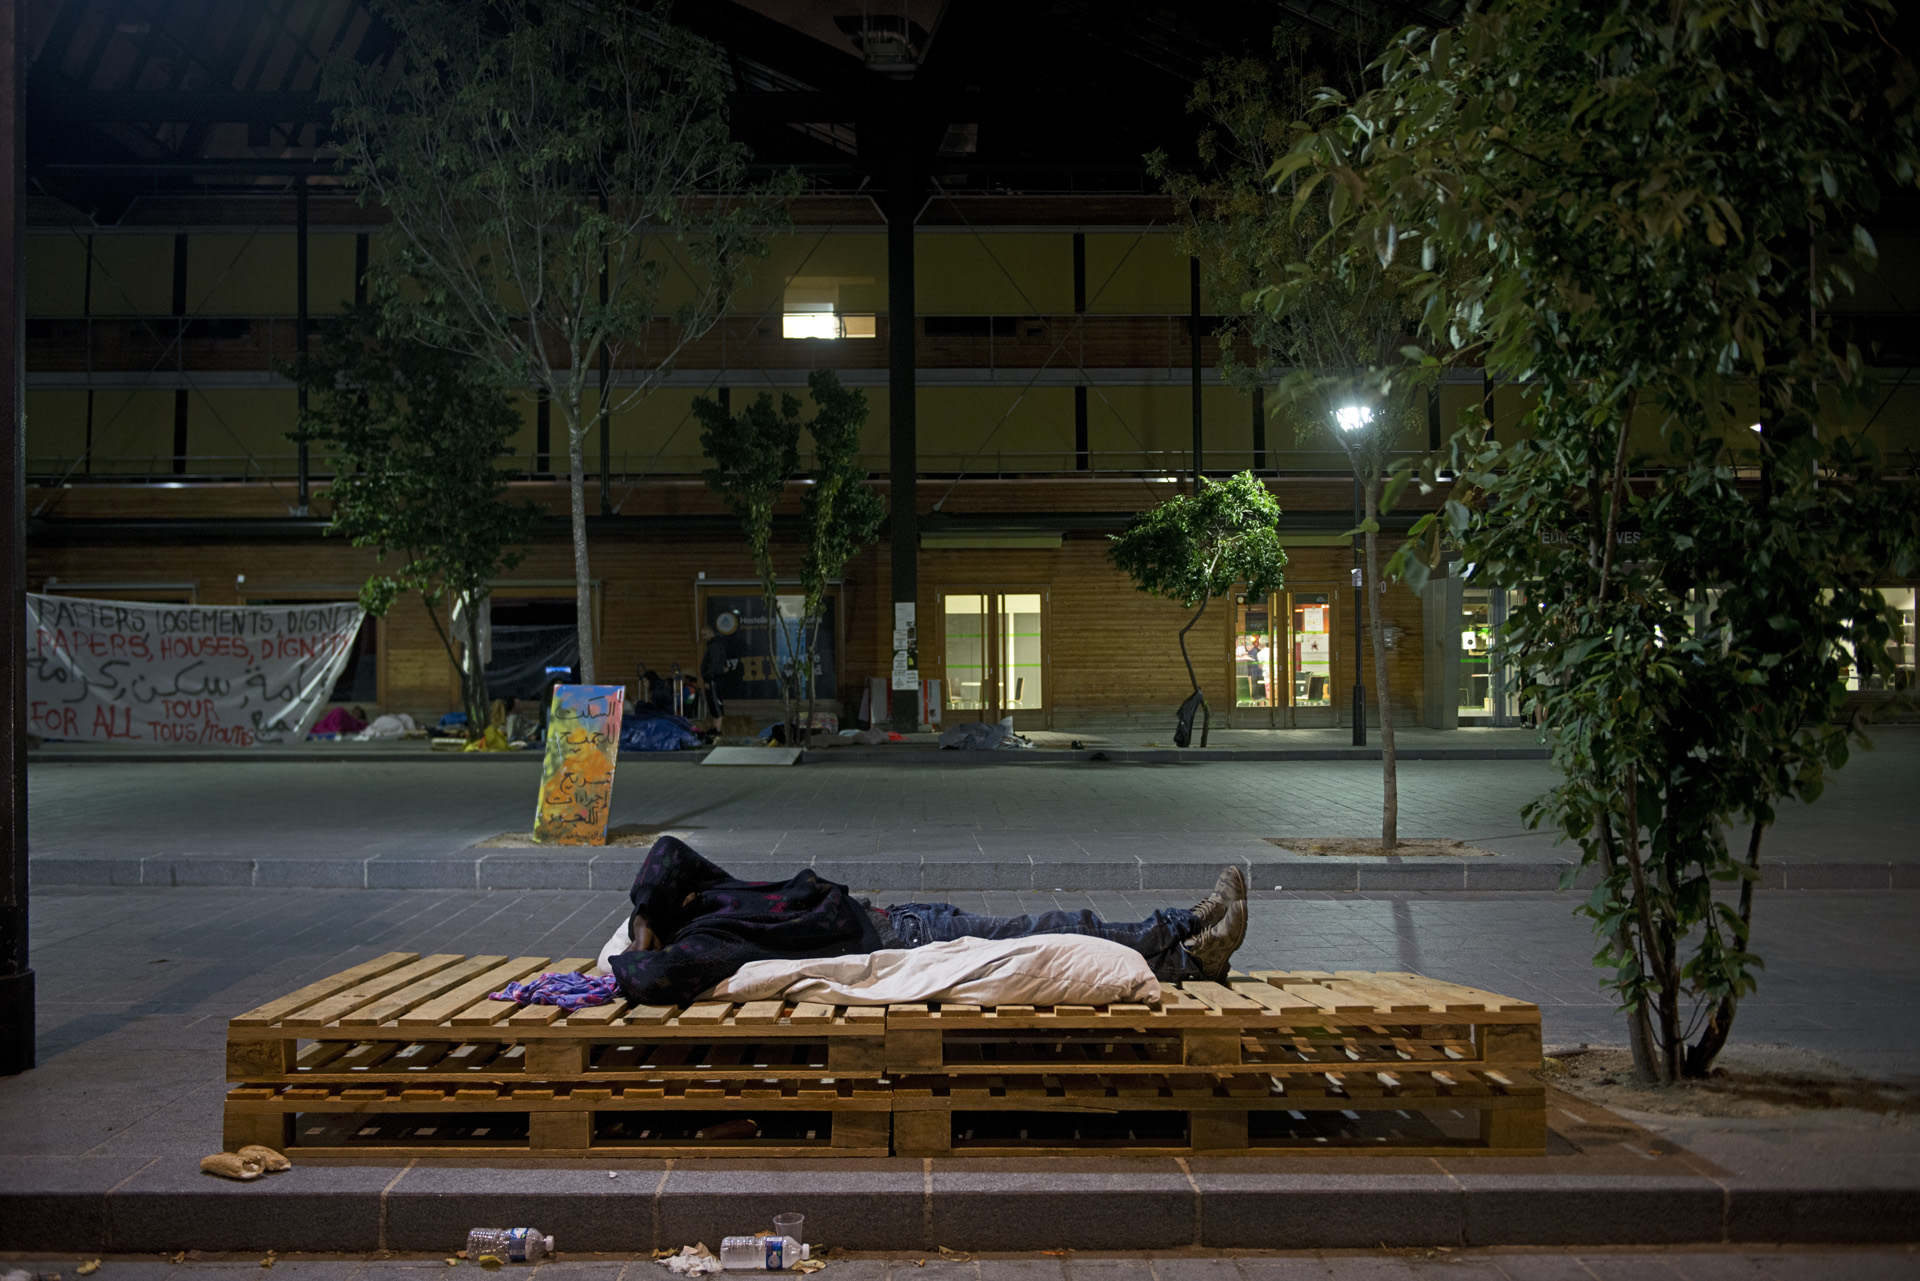 Certains migrants arrivent tellement épuisés sur le camp qu'une fois posés, ils peuvent dormir plus de 10 heures d'affilée malgré l'inconfort et le bruit. Paris 18ème, le 7 juillet 2015.